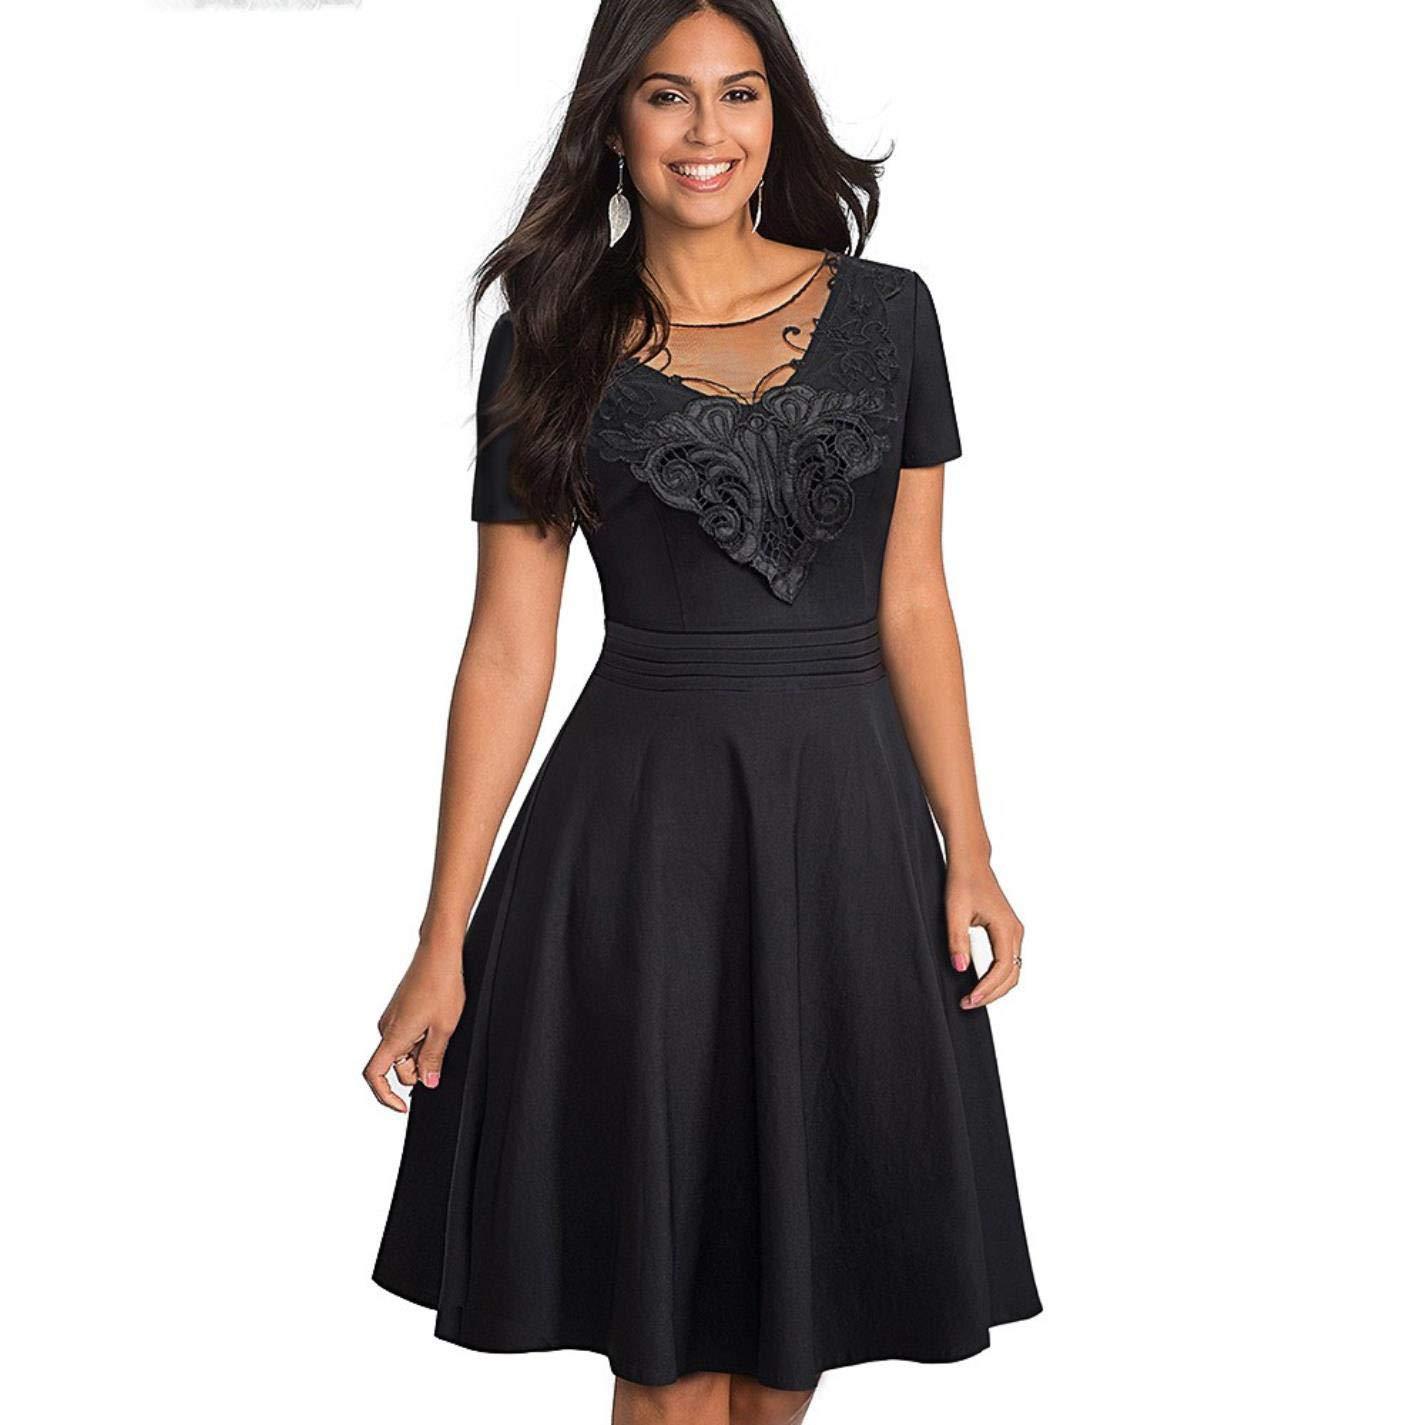 Vintage Elegant Embroidery Mesh Patchwork A-Line Flare Dress